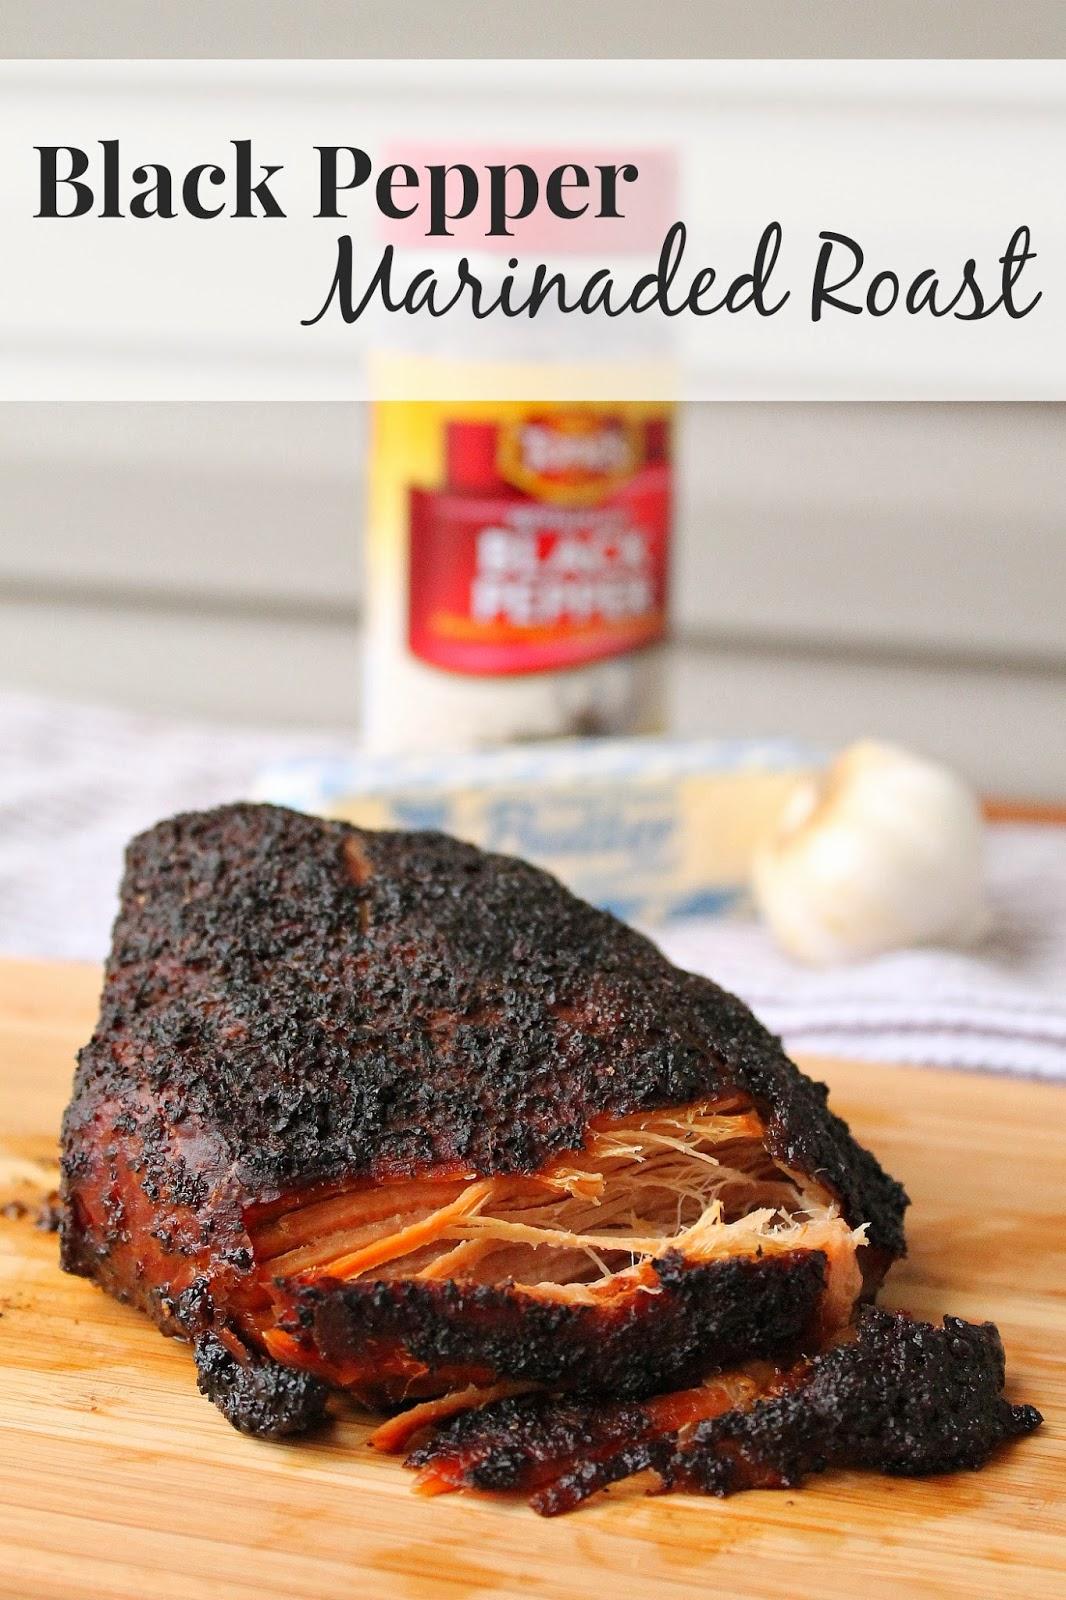 Black Pepper Marinaded Roast via @labride